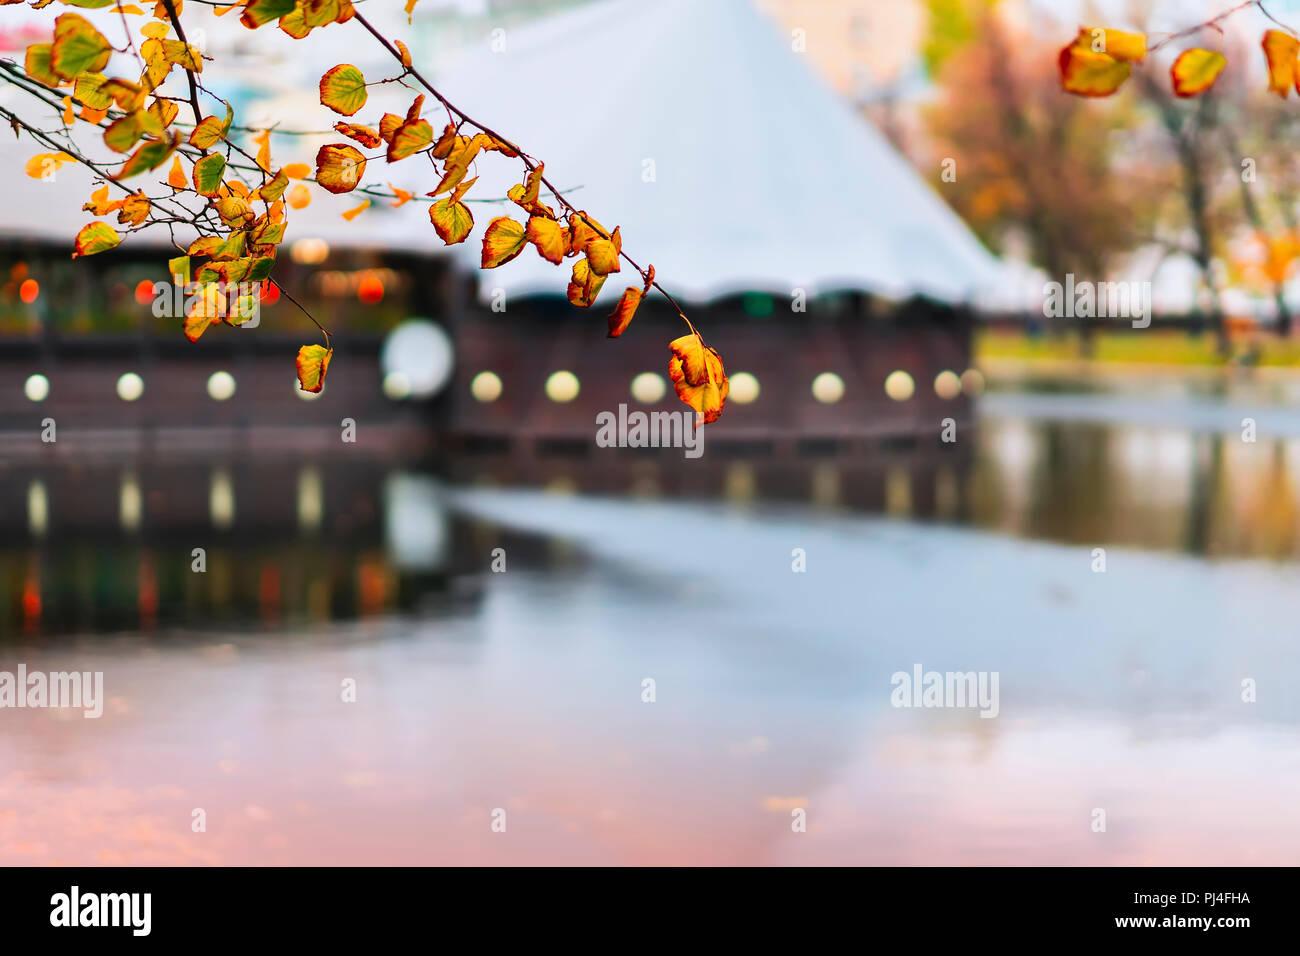 Colorido rama con hojas en el otoño sobre aguas azules, reflejos brillantes en el agua, arquitectónico tented edificios en el parque. Romántico, concepto de nostalgia. Fondo borroso natural Imagen De Stock